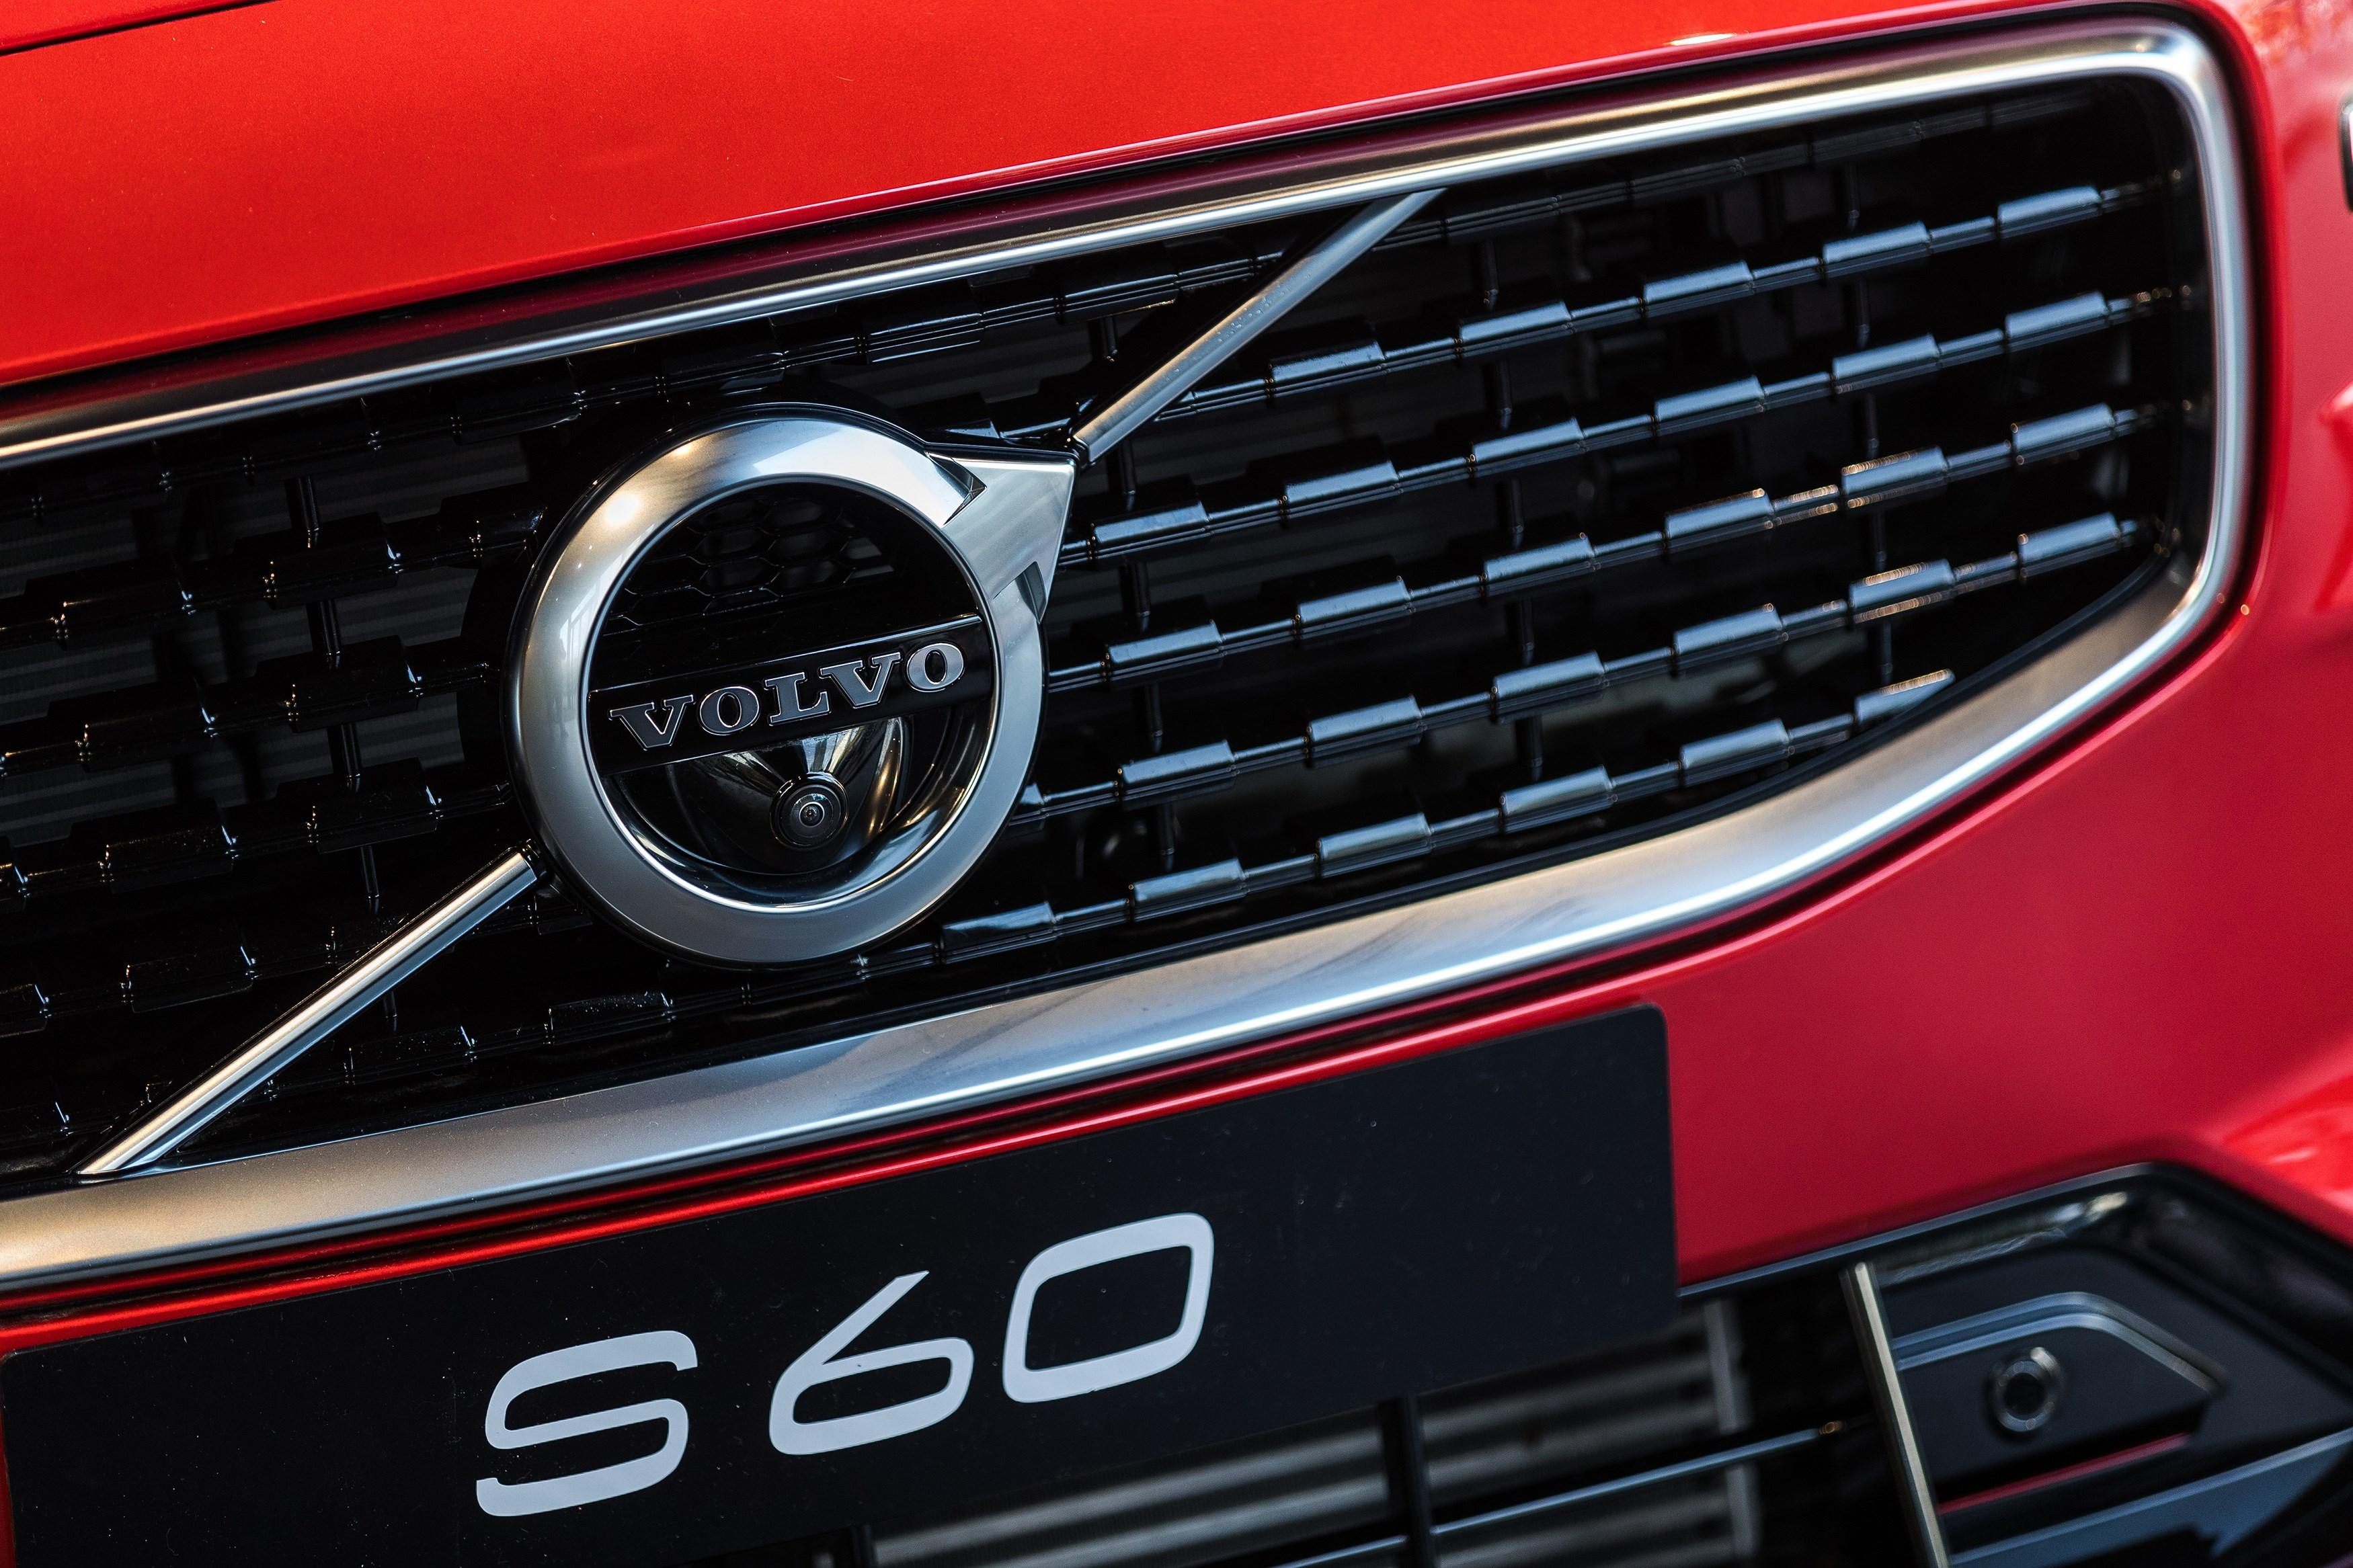 全新S60,沃尔沃的不一样 | 汽车产经